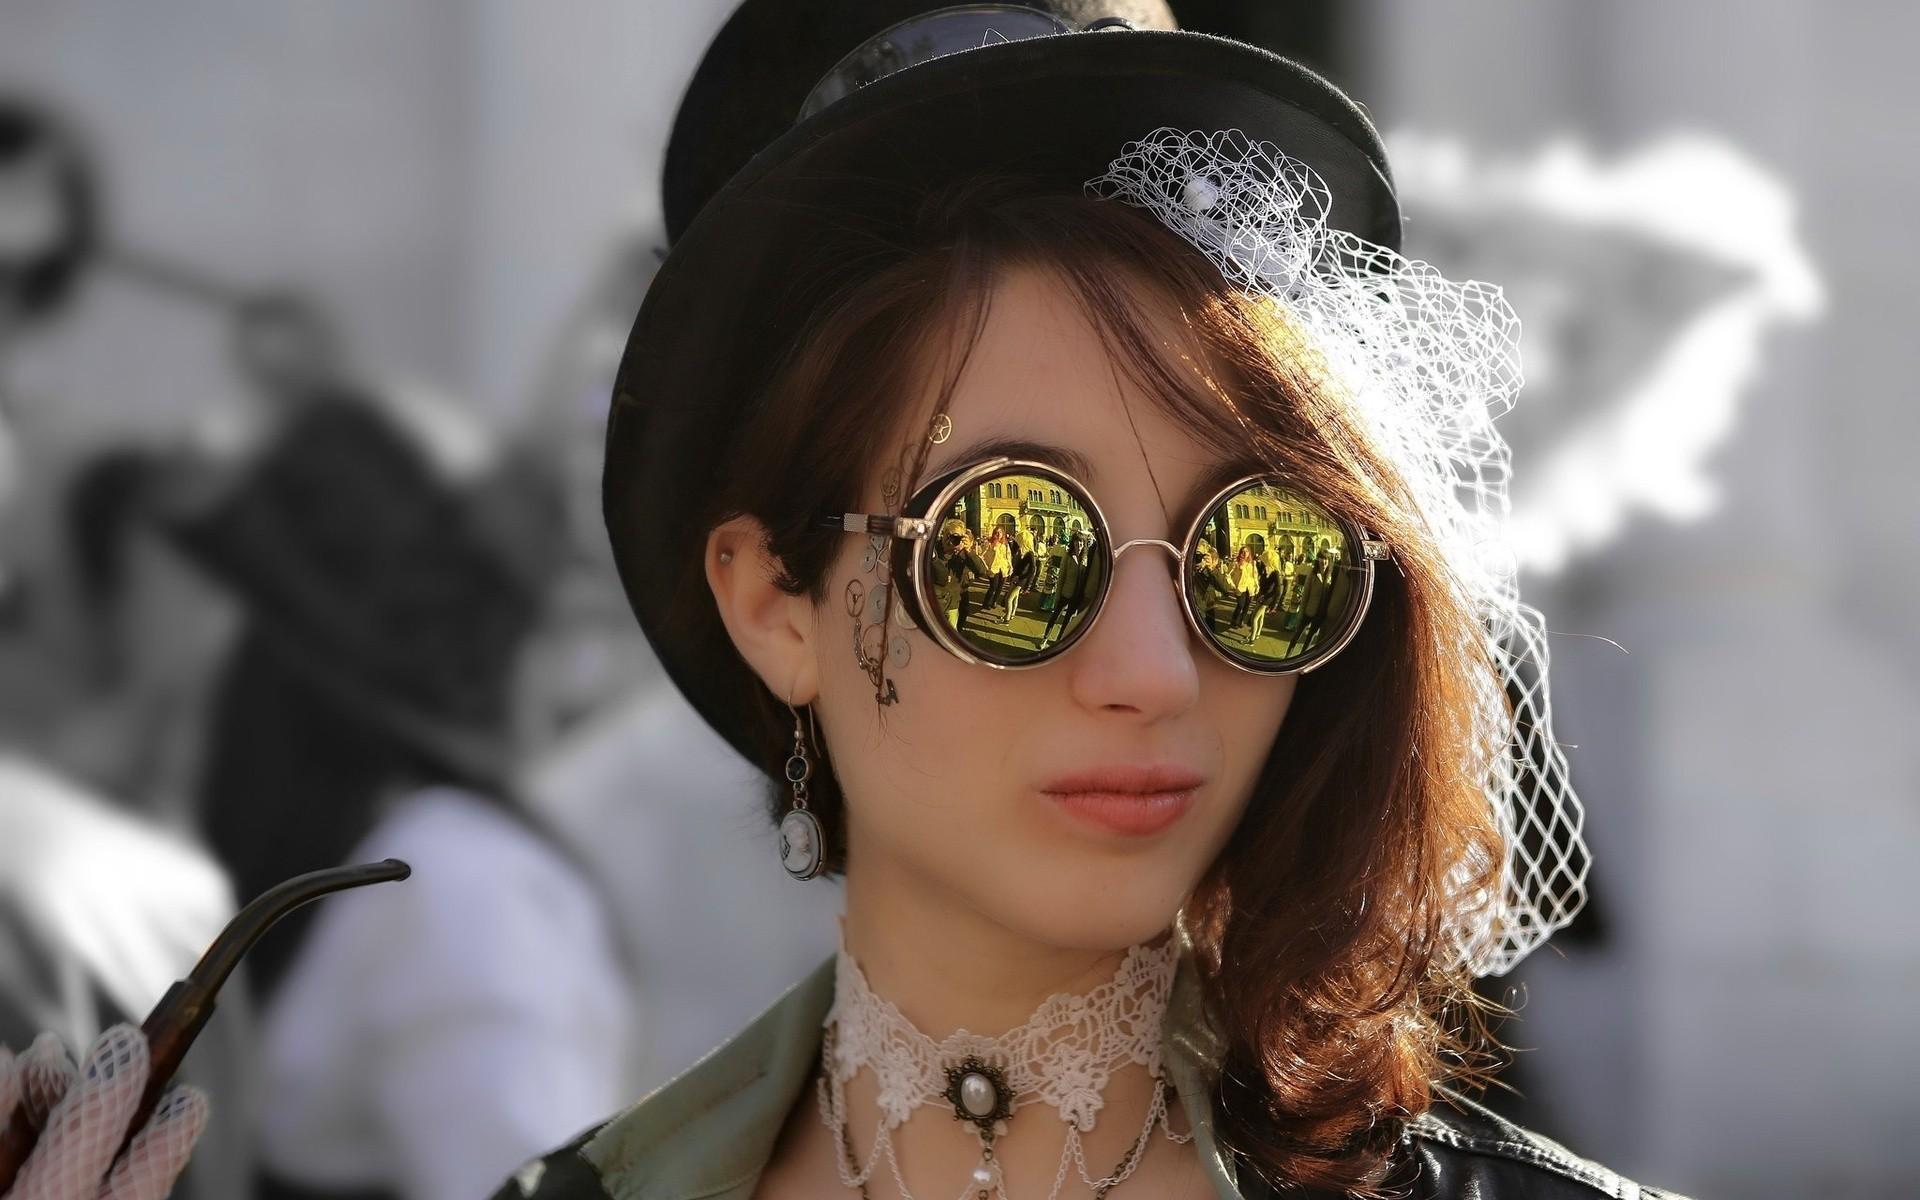 необычные картинки с очками что